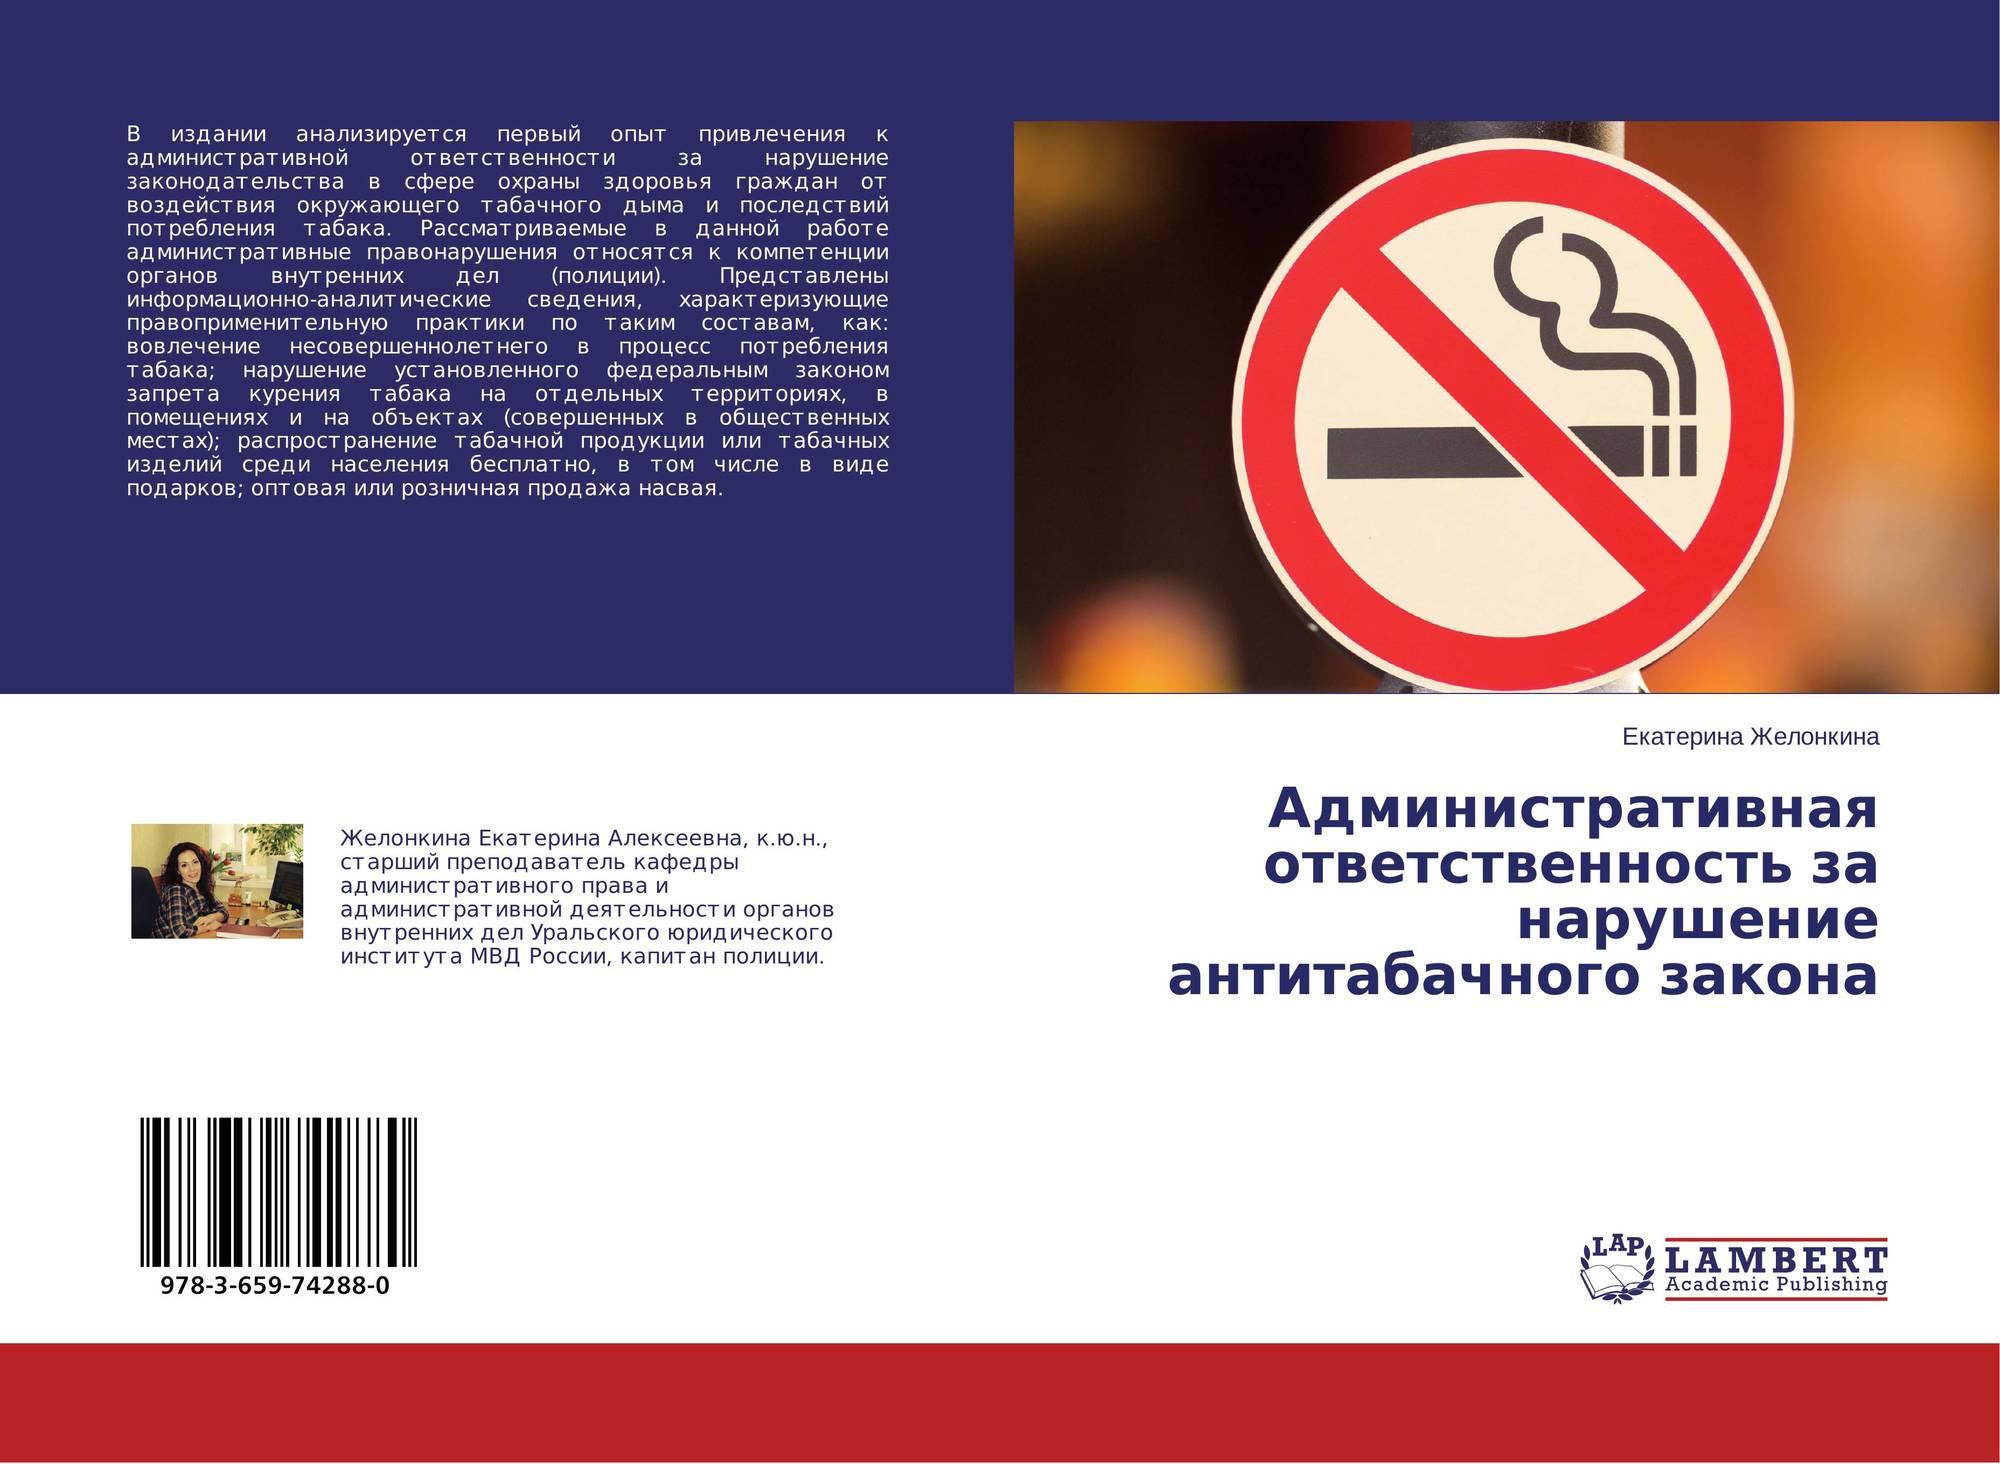 ответственность продажа табачных изделий несовершеннолетним